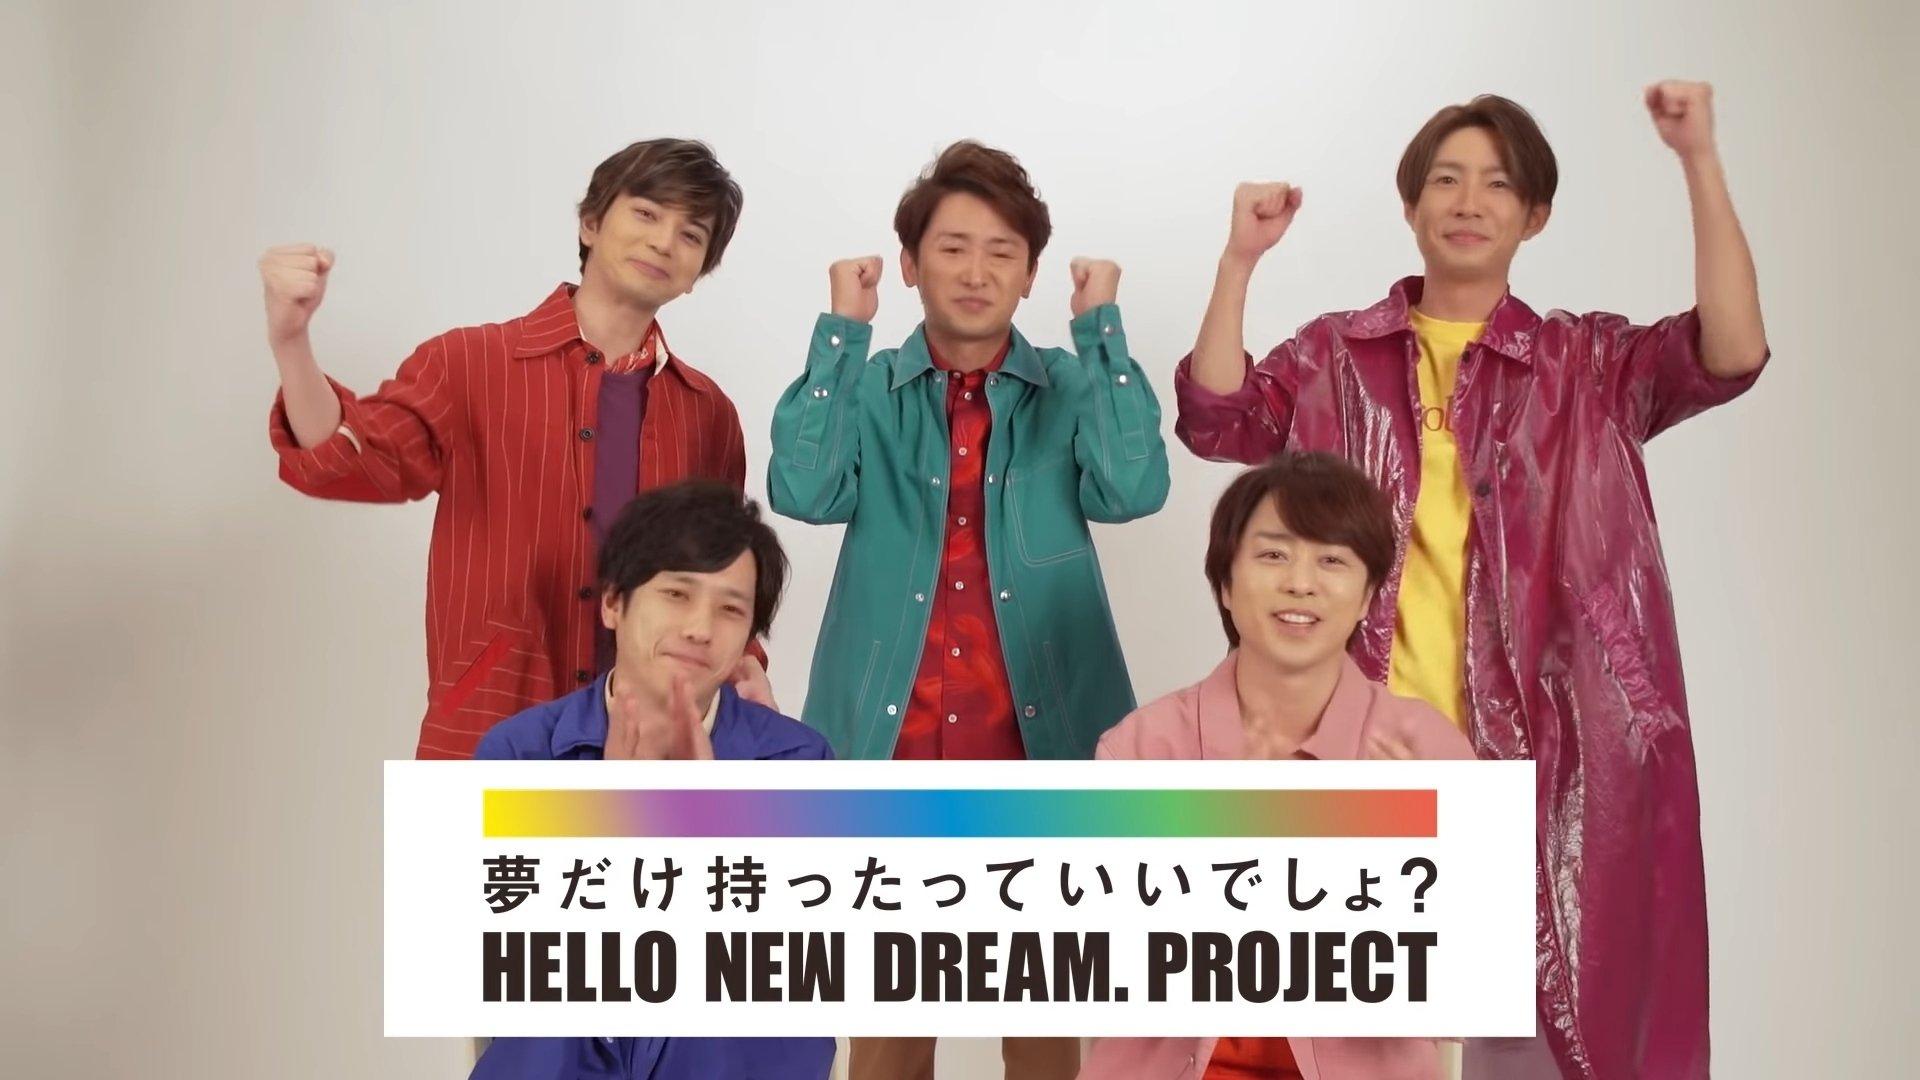 Hello new dream